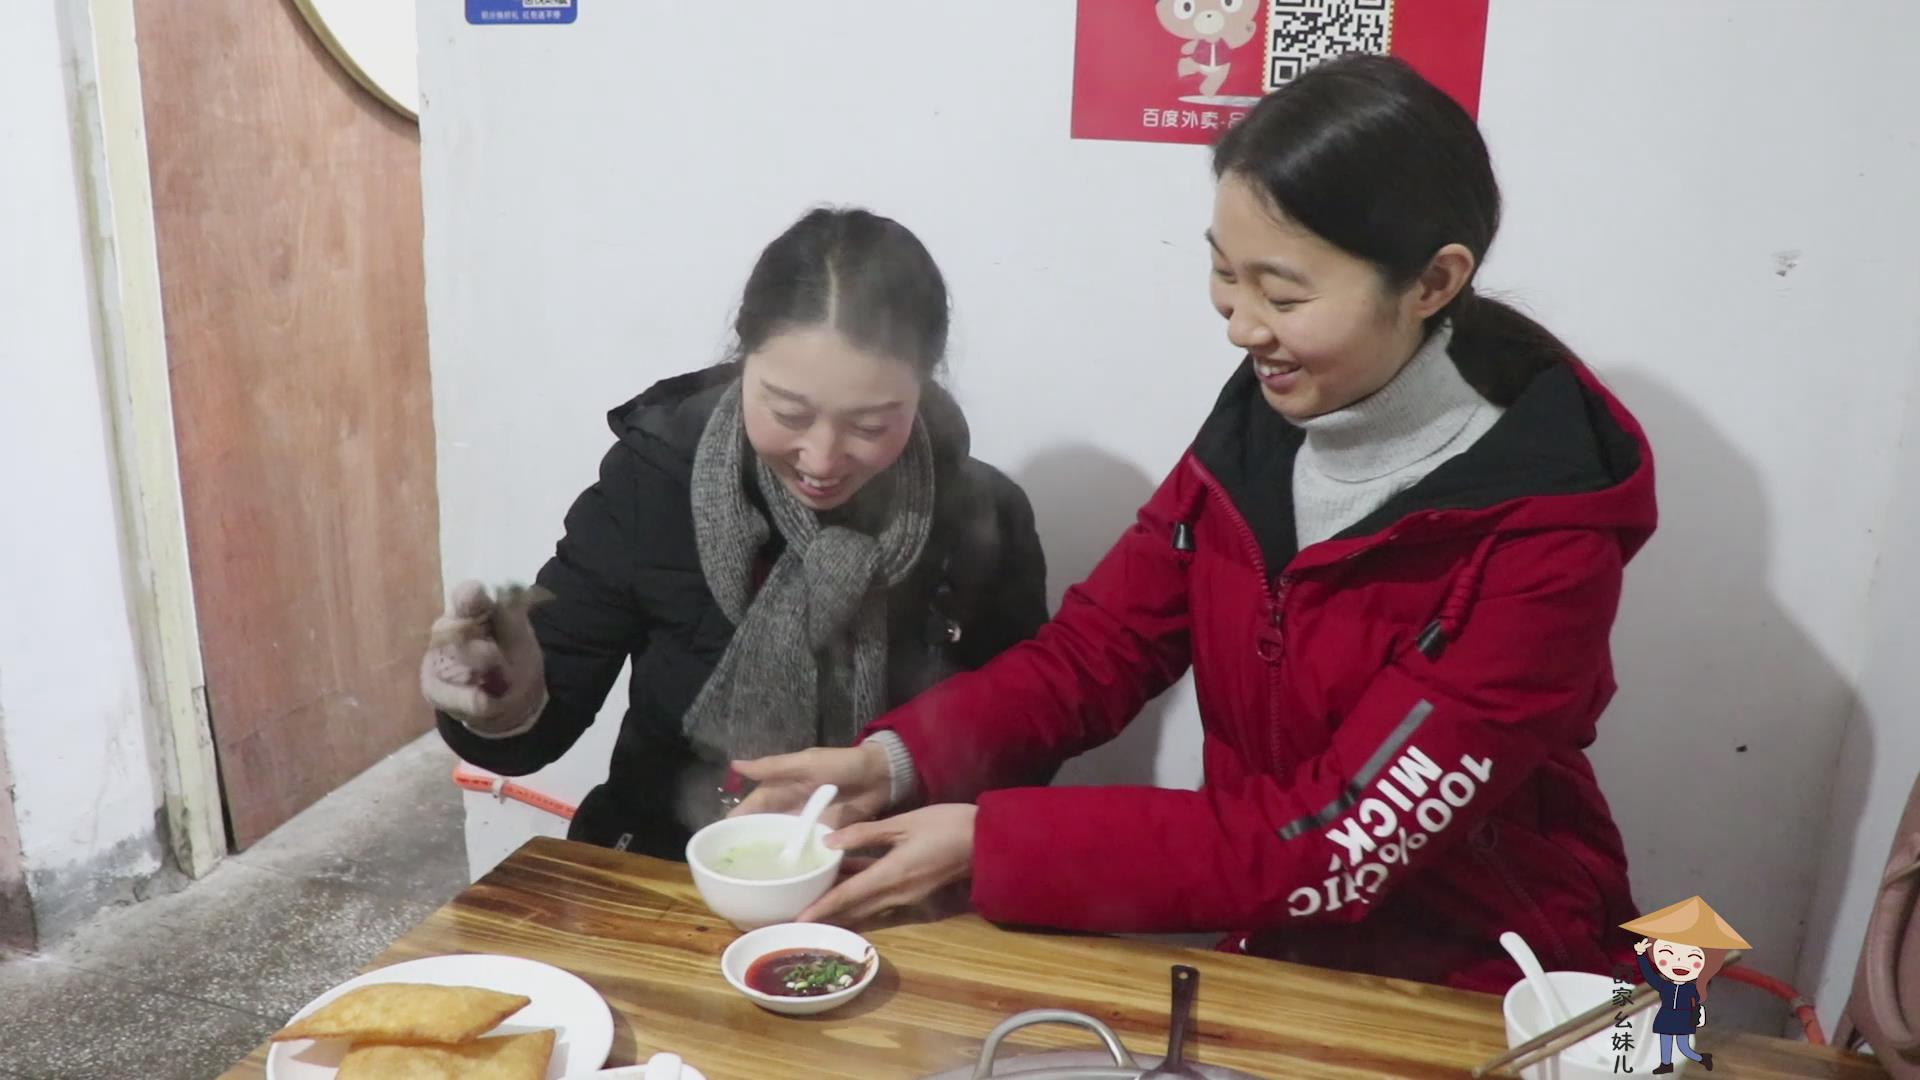 冬至没喝到羊肉汤,表妹请幺妹儿搓一顿补起,热乎乎的太过瘾了